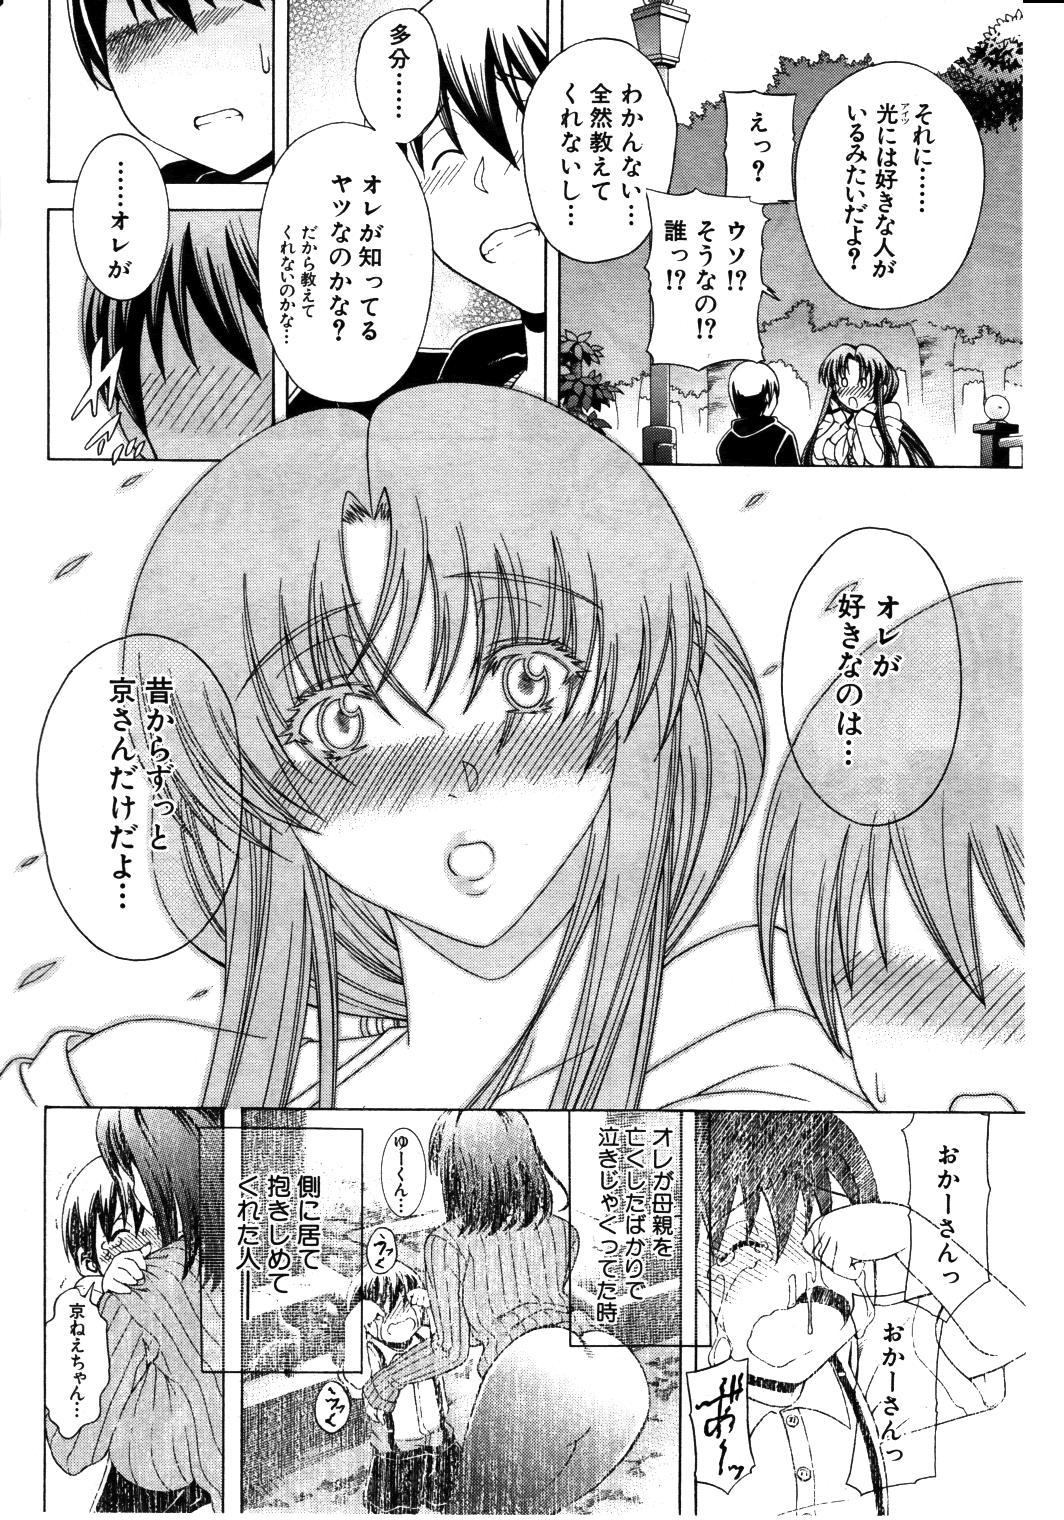 Himitsu no Sign - Secret Signature 44